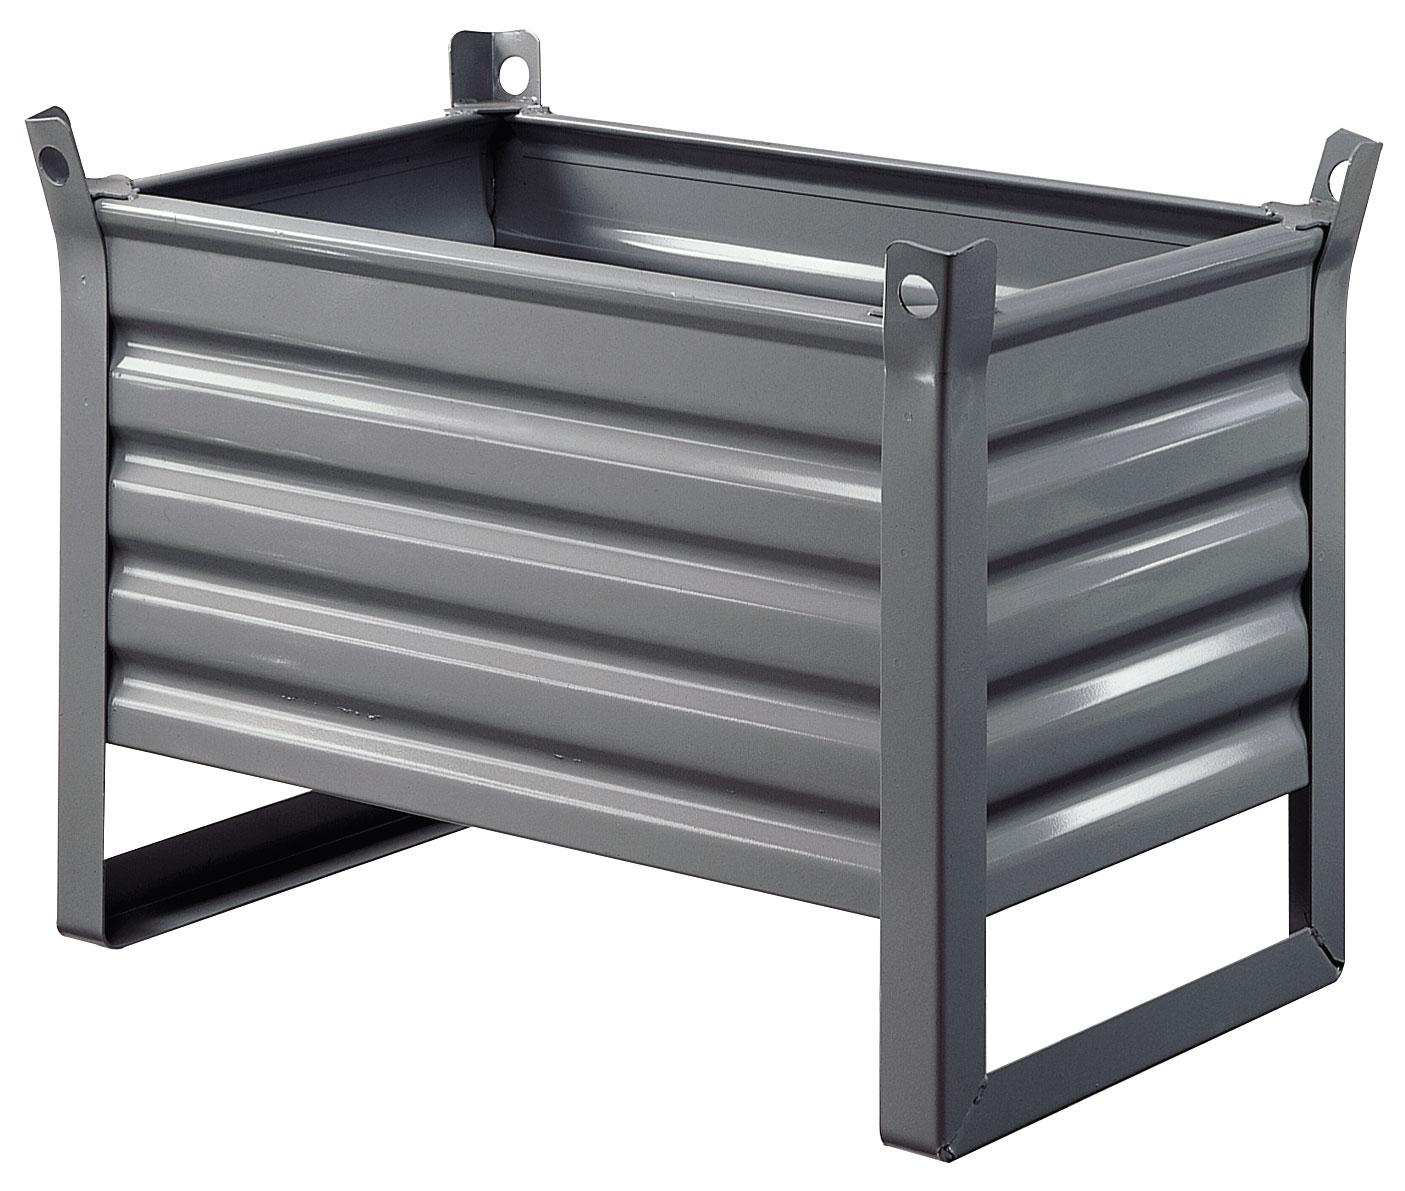 Caisse palette industriellle métallique charge 900 kg